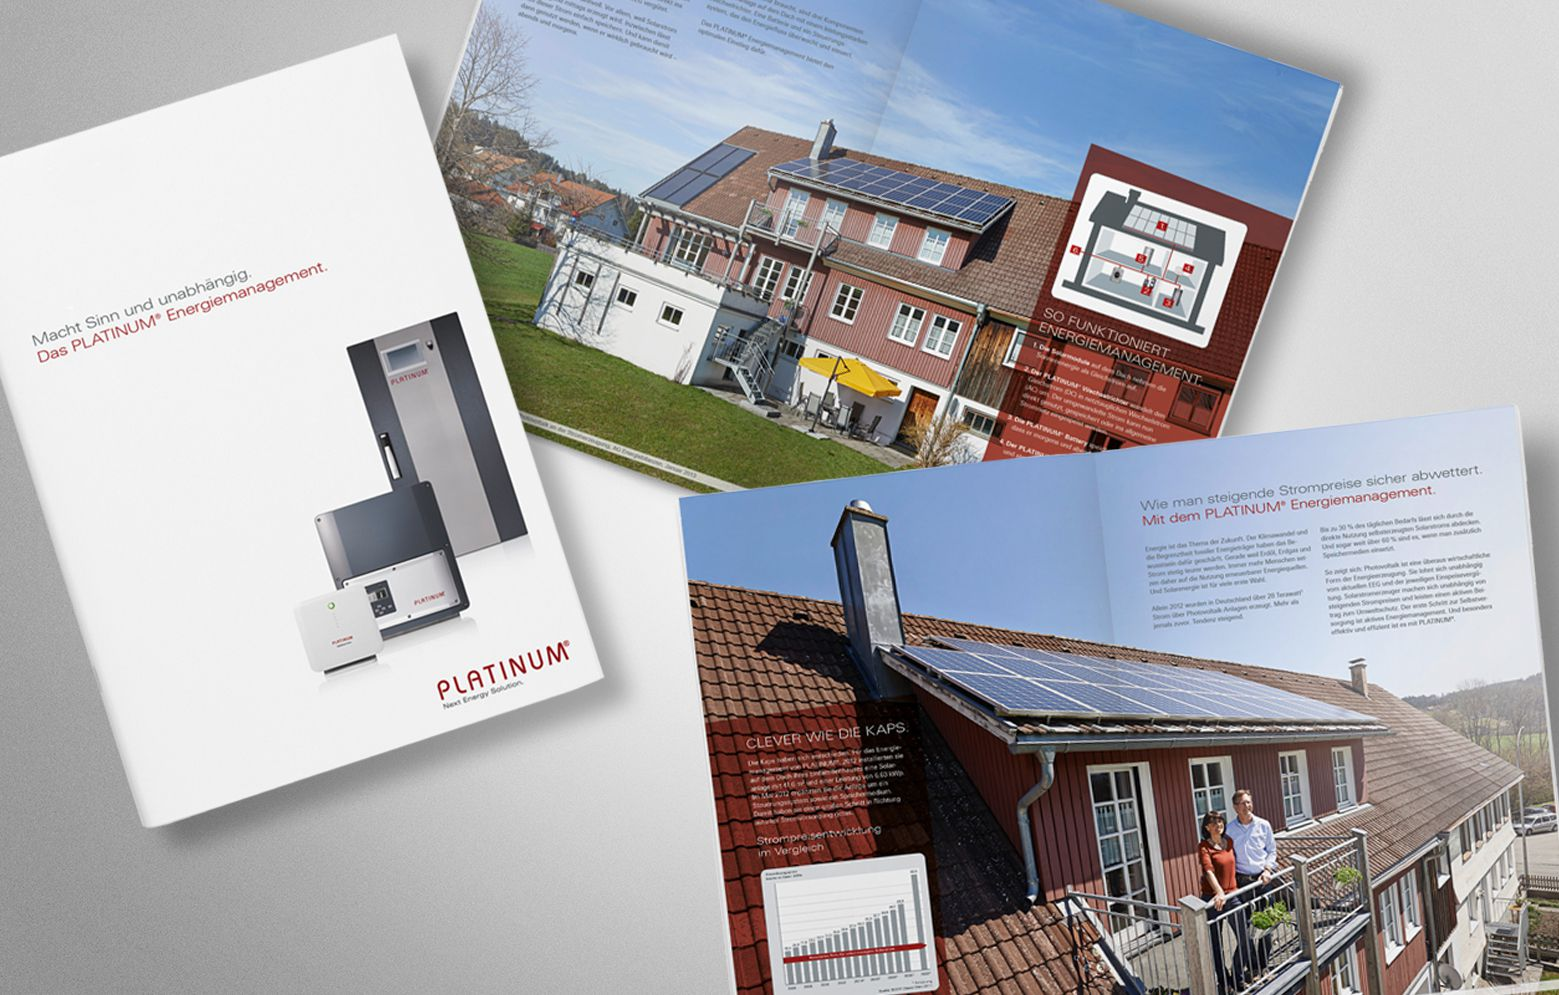 Broschuere Energiemanagement